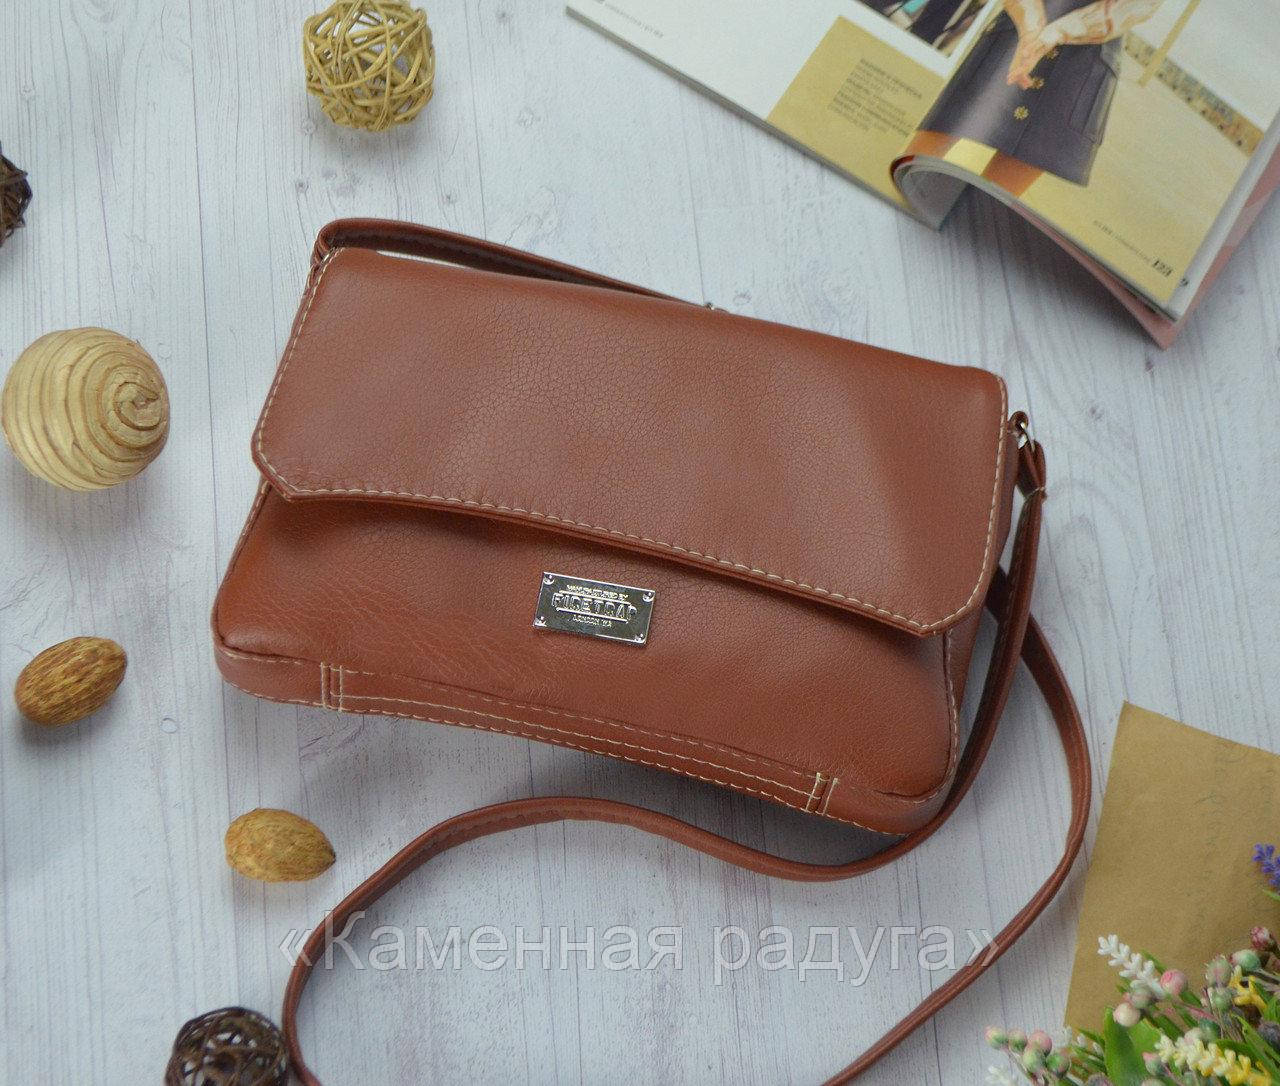 Маленькая светло-коричневая сумочка